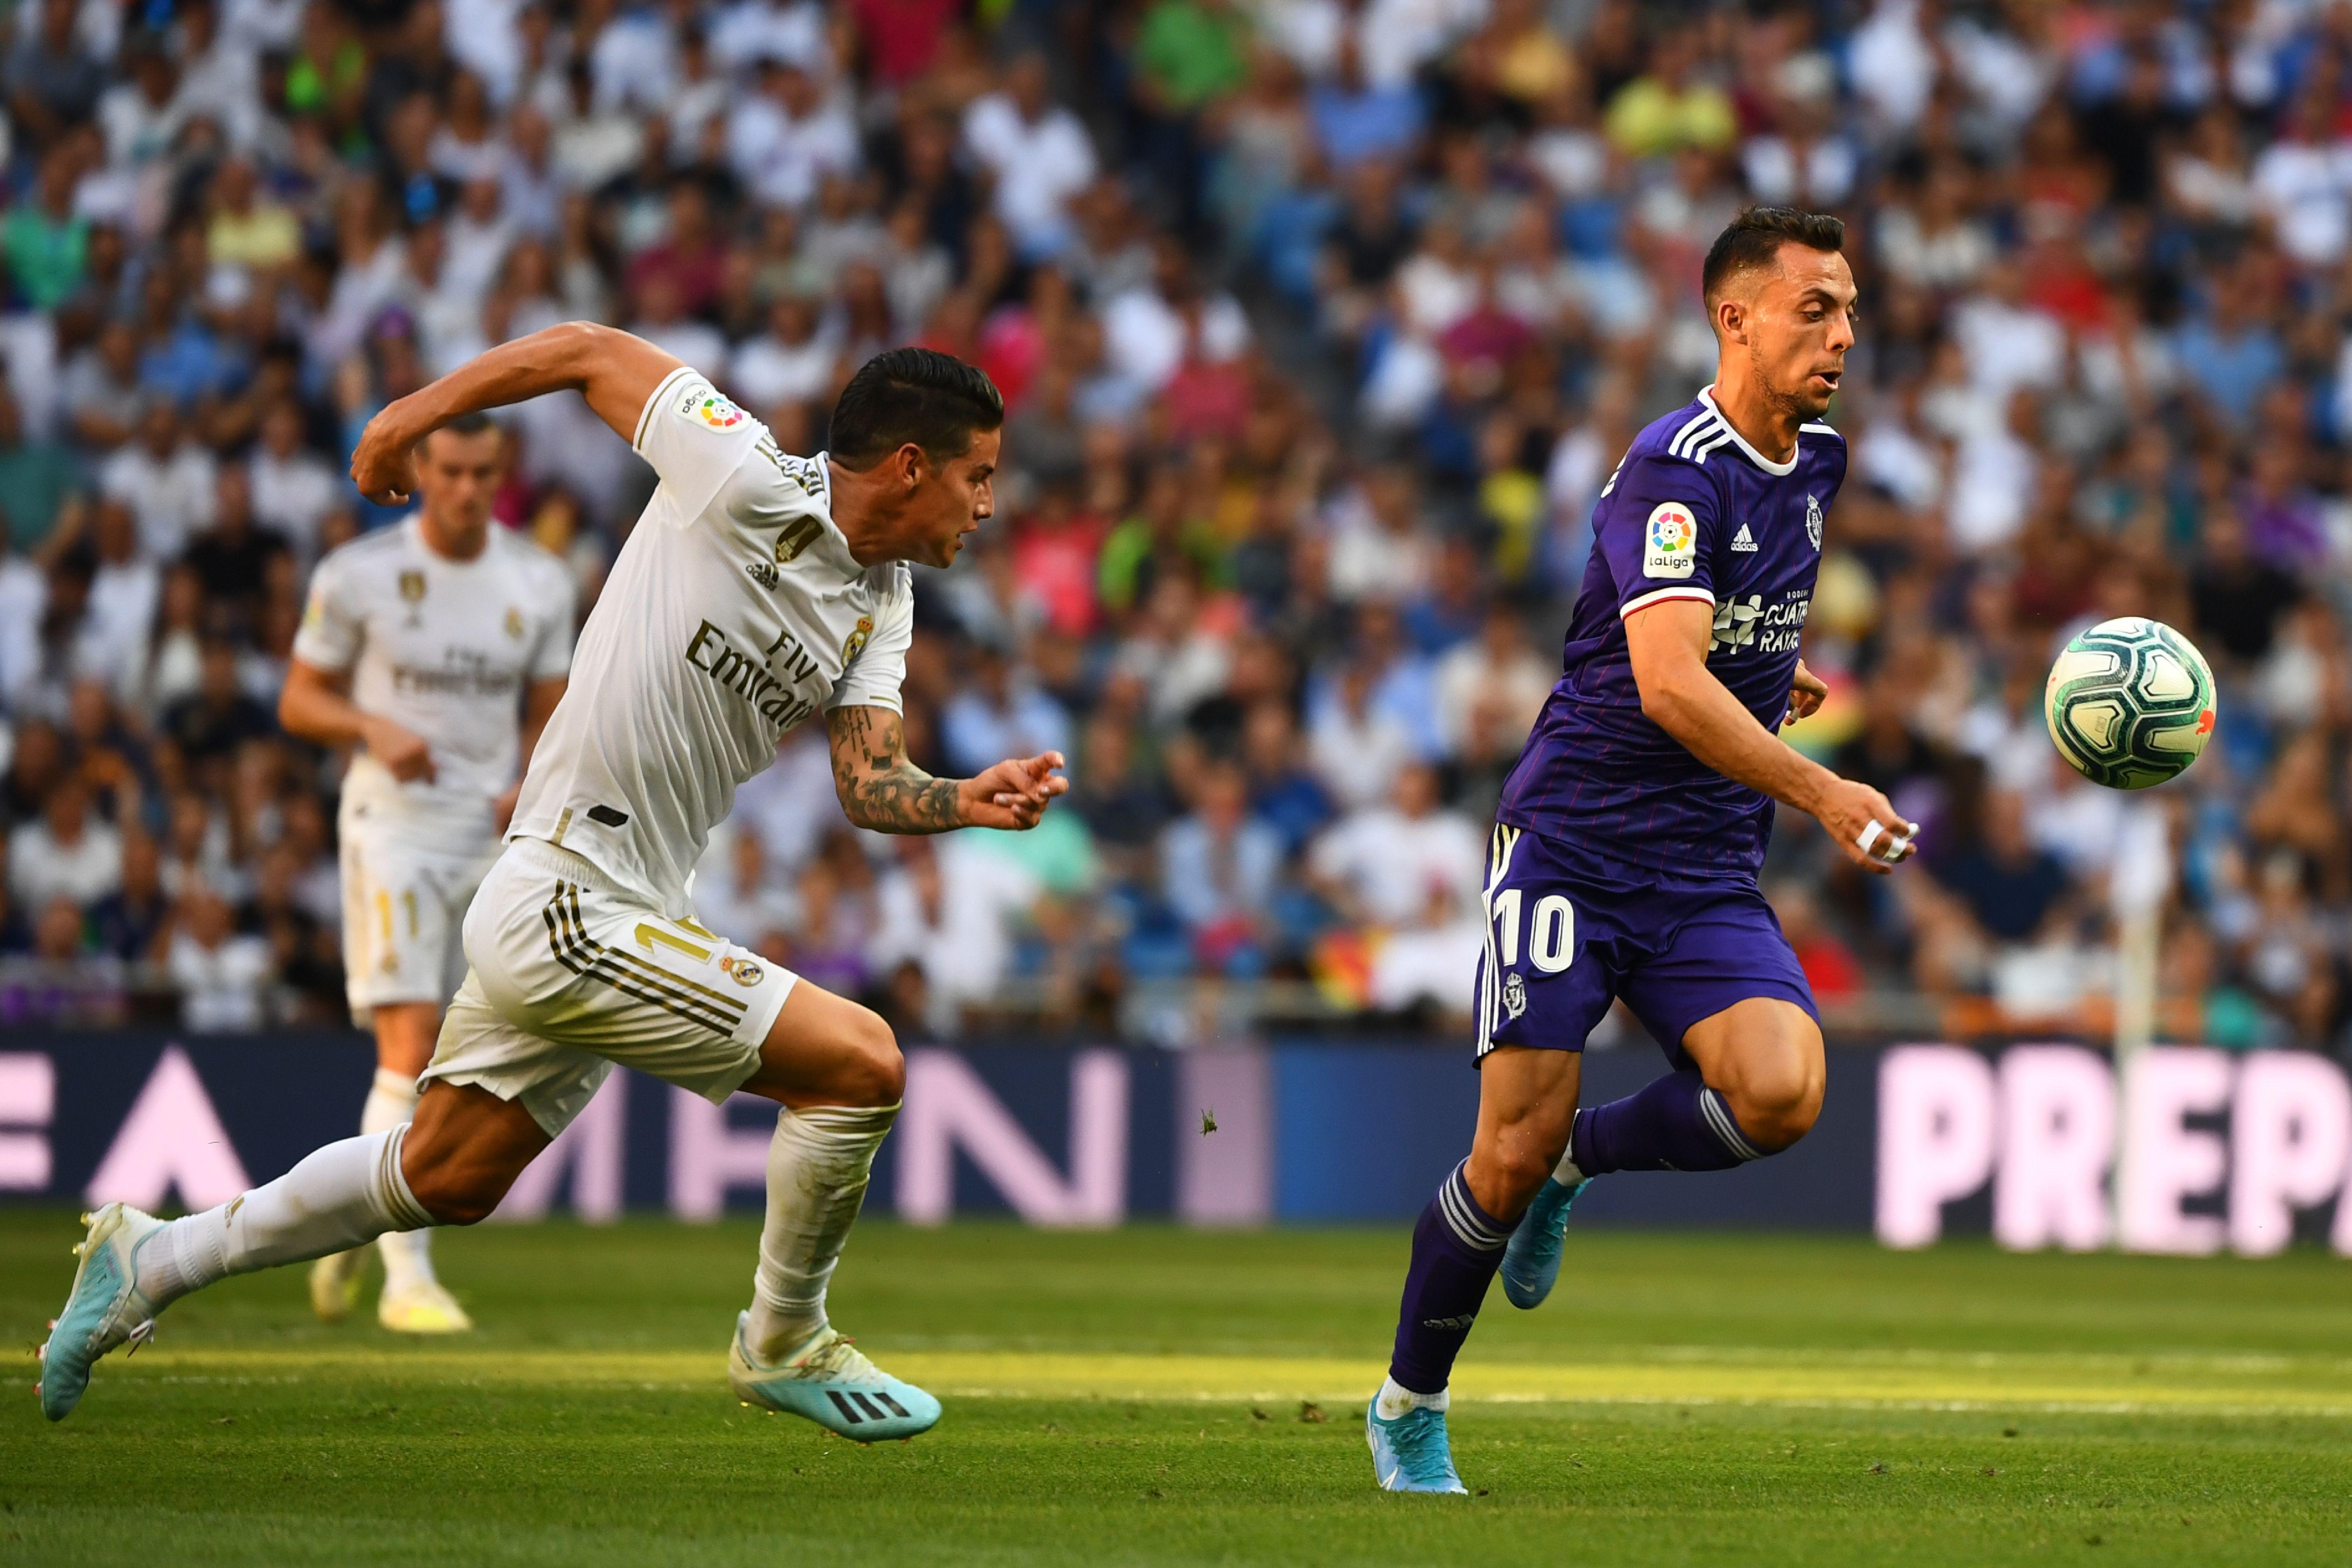 Real Madrid-Valladolid 1-1, Le Real concède le nul malgré Benzema